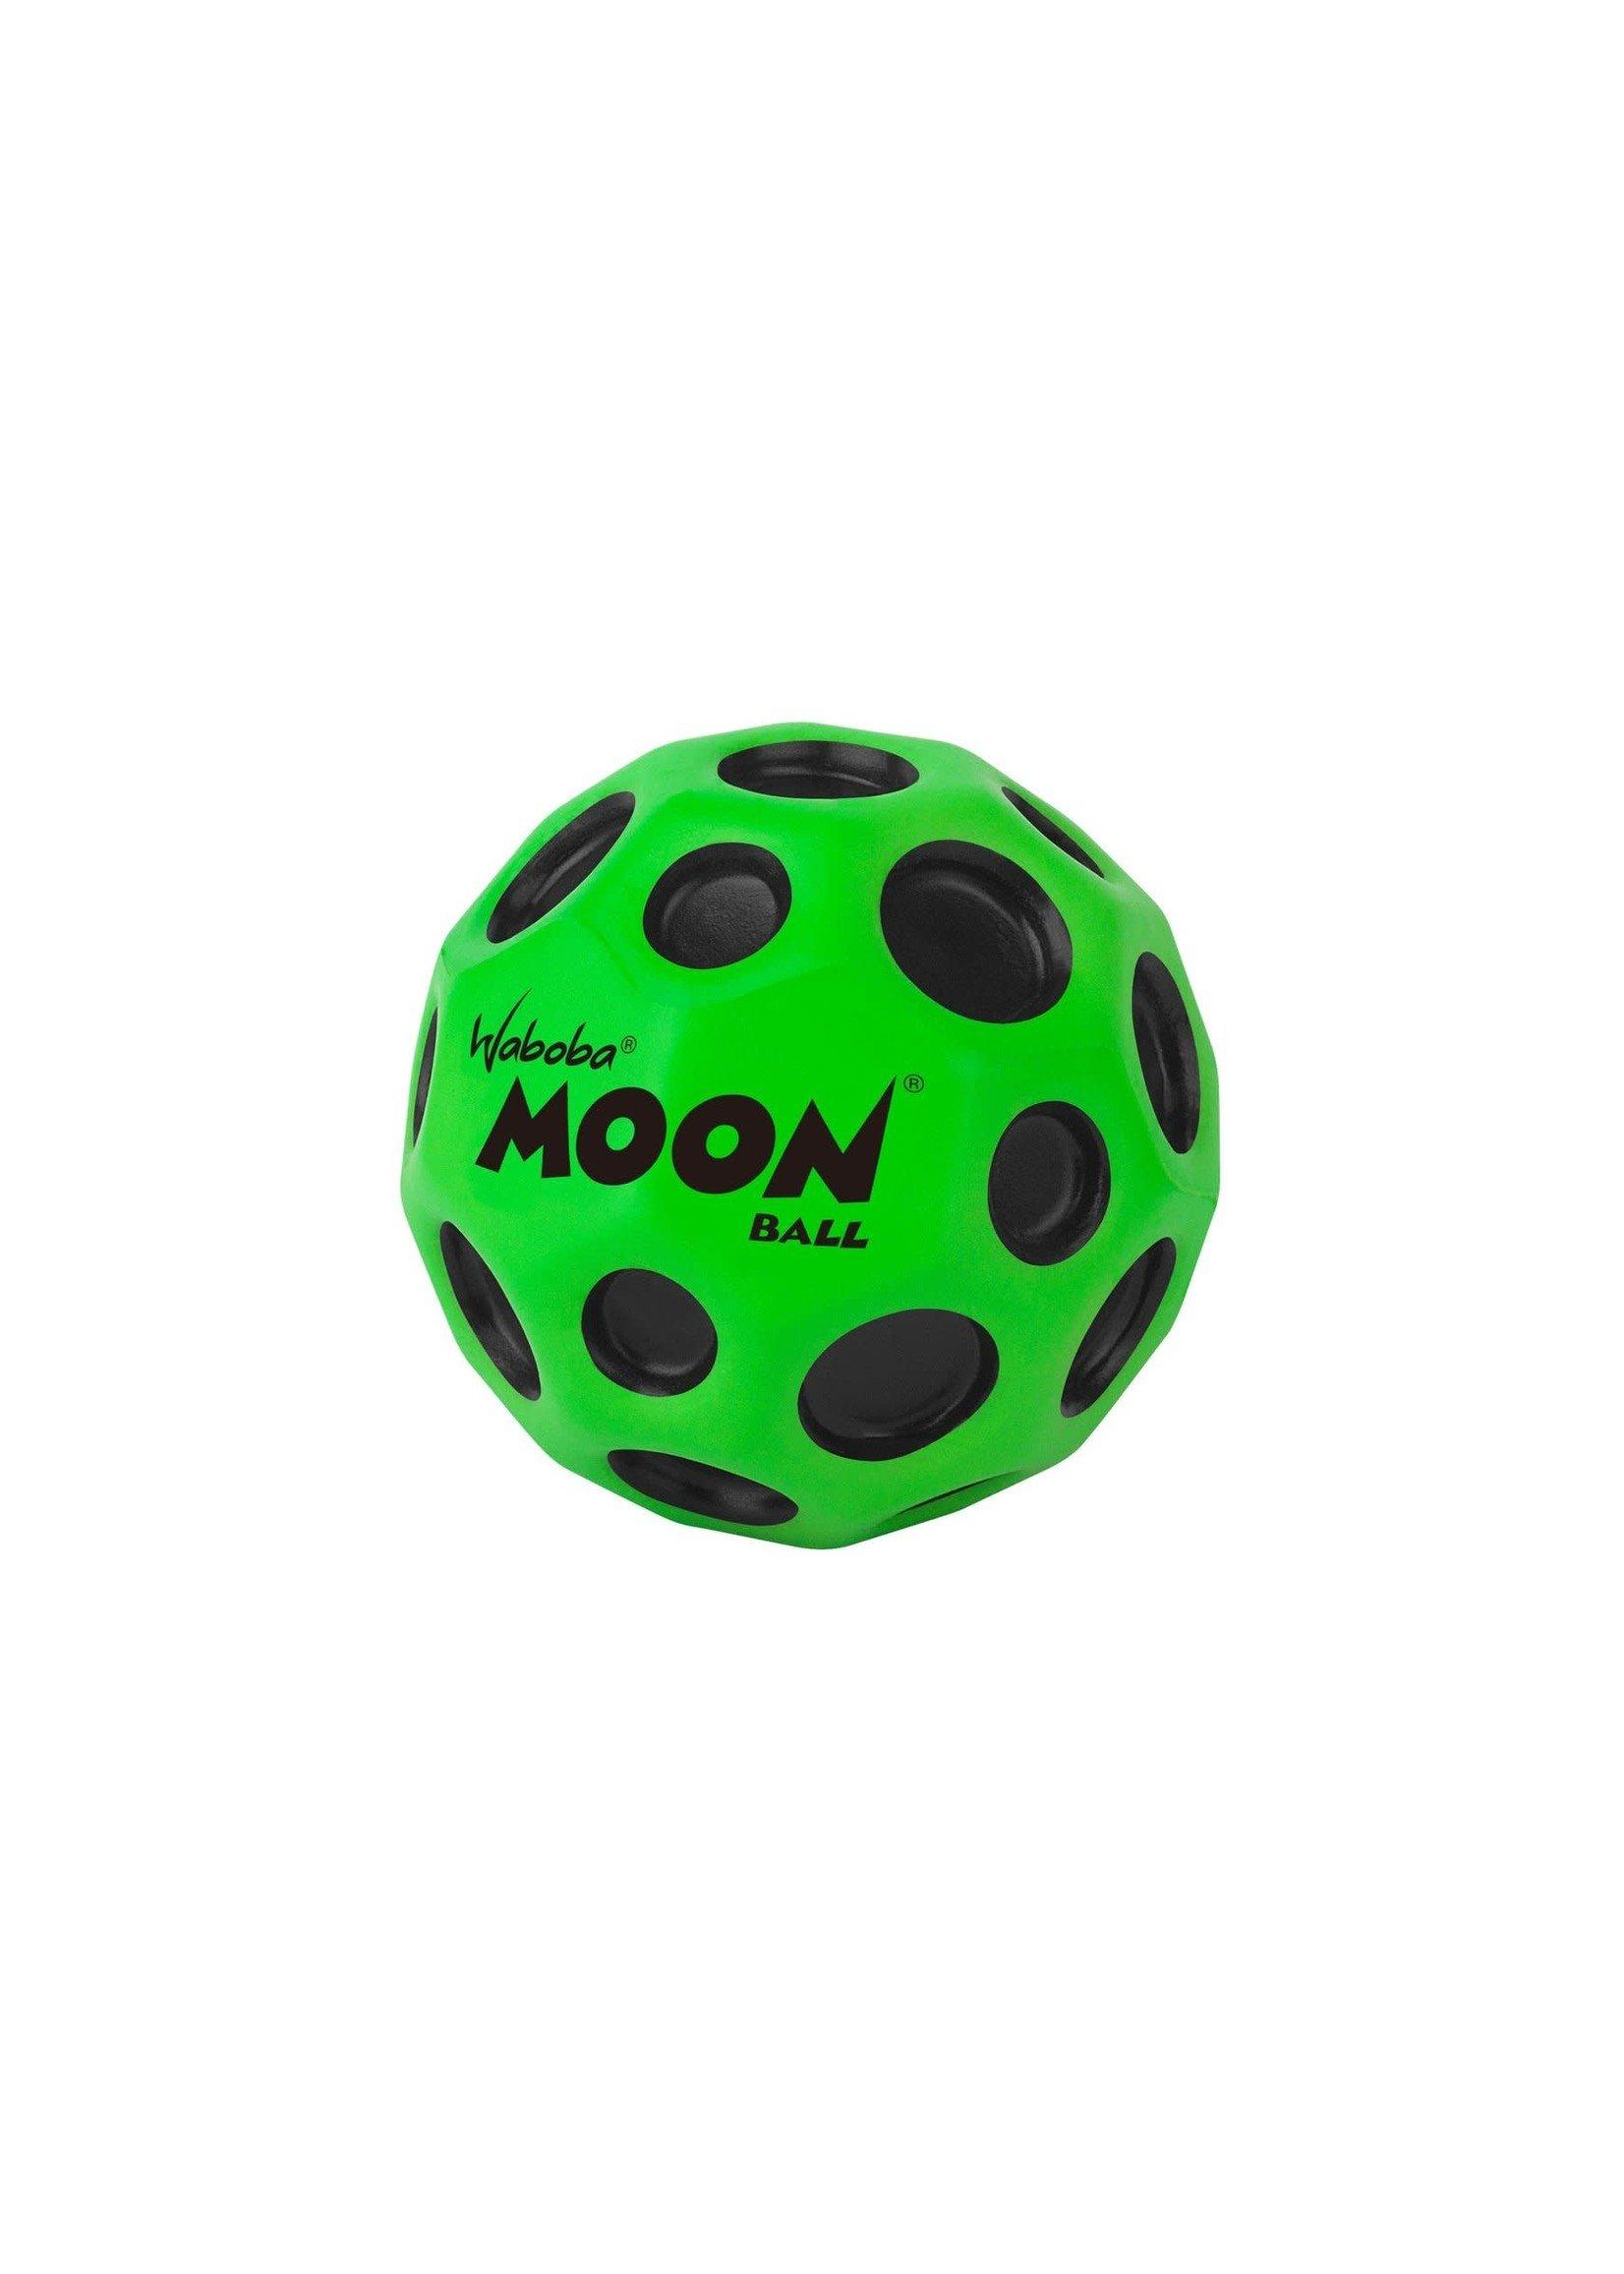 Waboba Moon Ball Hyperbouncing Ball (Green)